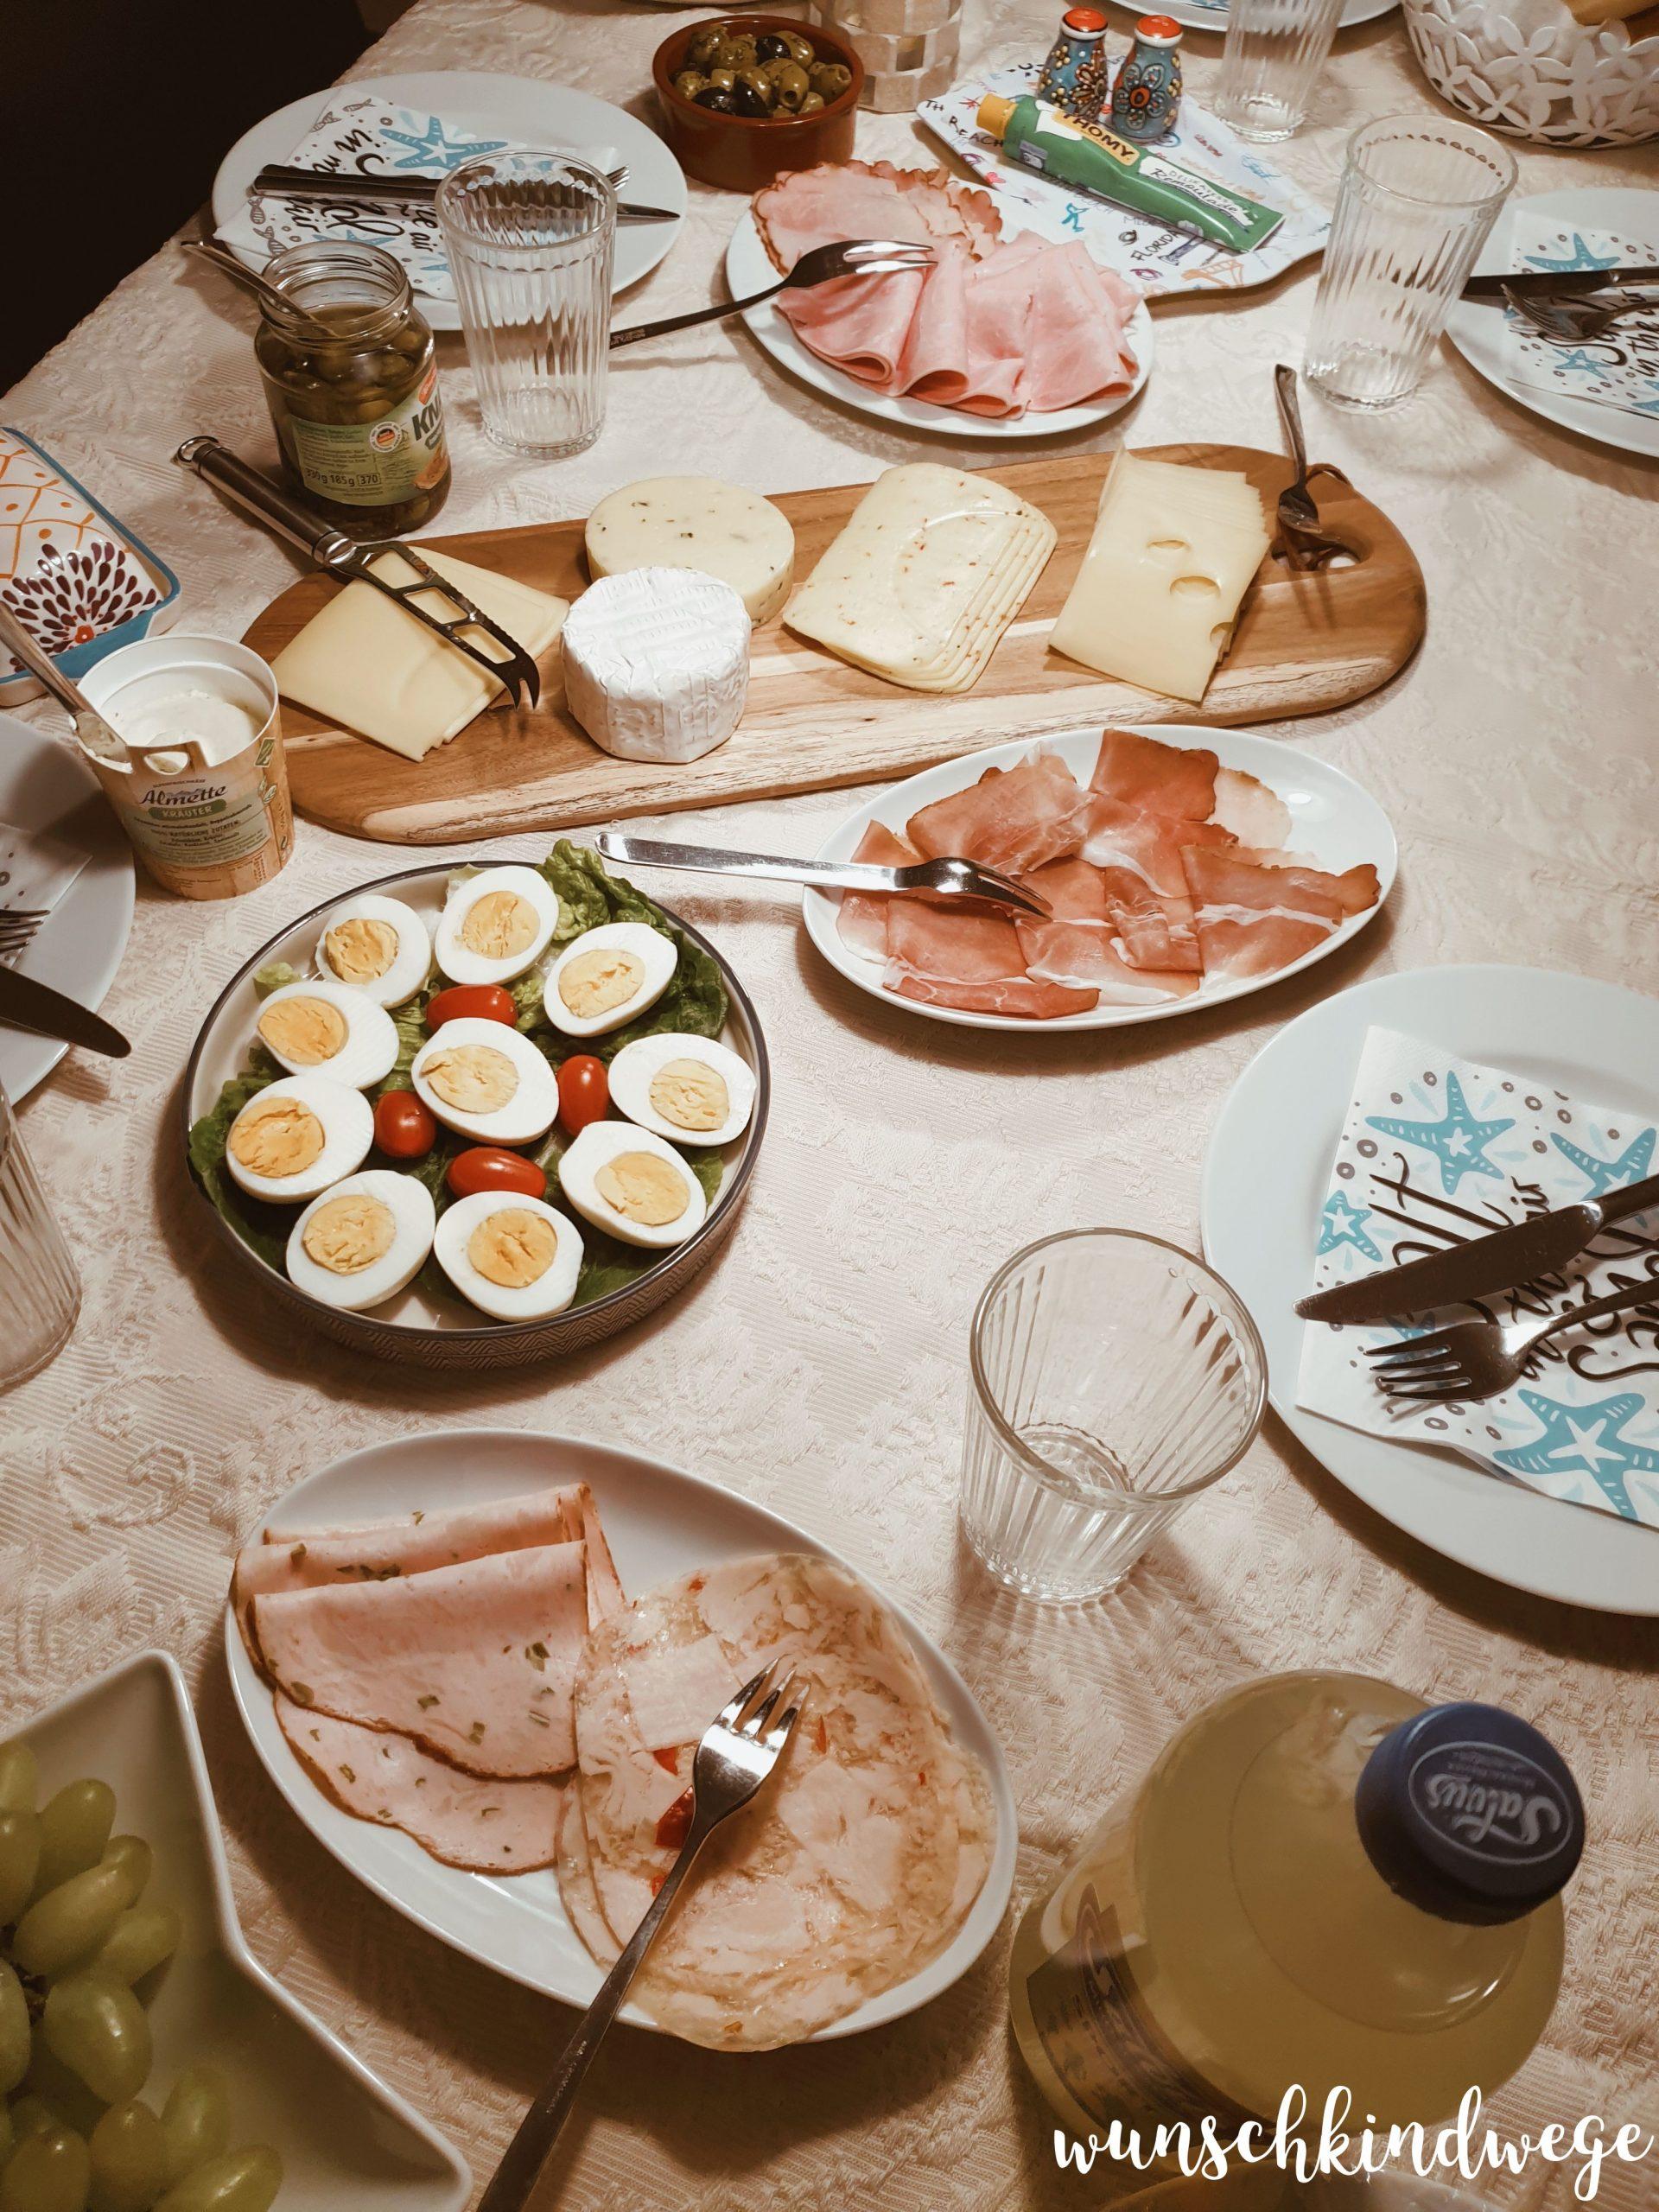 Abendessen - Was machst Du eigentlich den ganzen Tag